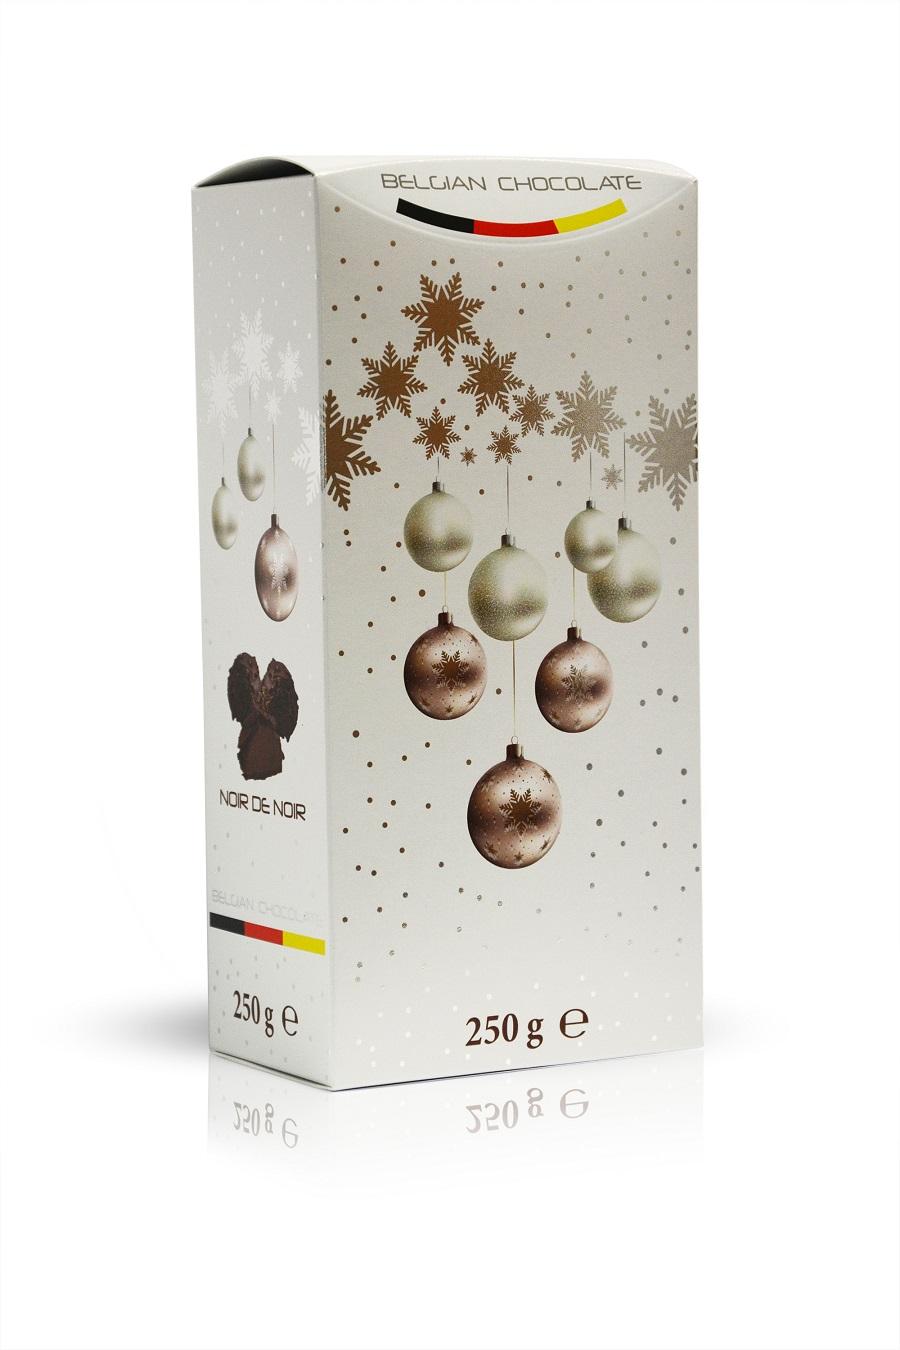 Belmaria - mléčné čokoládové lanýže s vločkami z hořké čokolády s kakaovou náplní a kousky kakaových bobů - Bílé Vánoce 250g